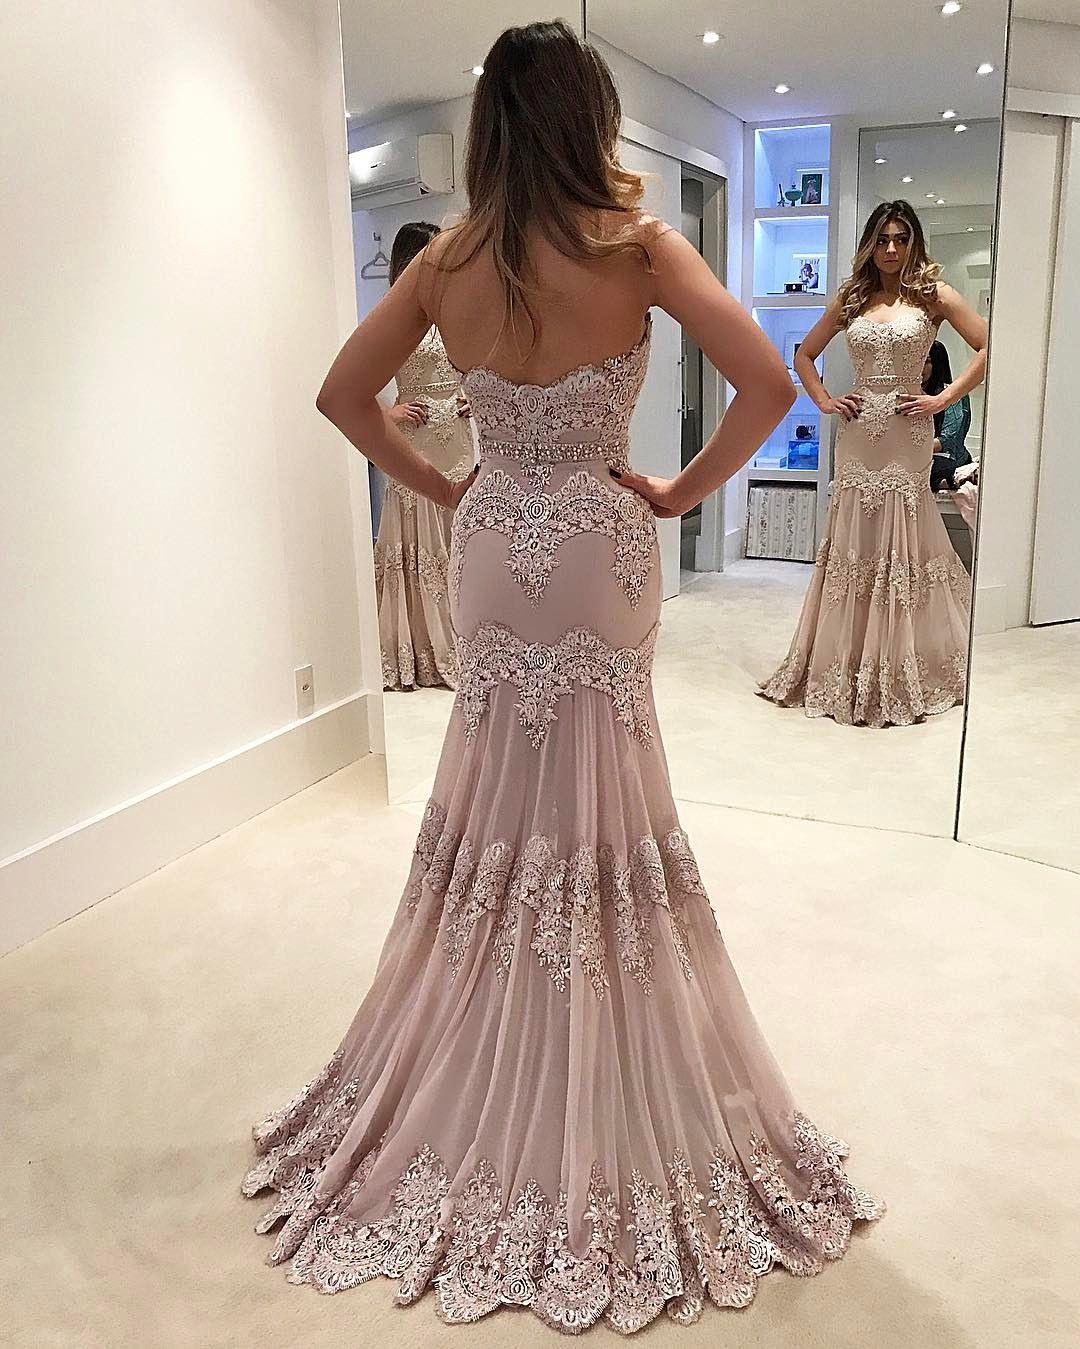 15 Schön Abendkleider Günstig Online Bestellen für 201910 Elegant Abendkleider Günstig Online Bestellen Ärmel